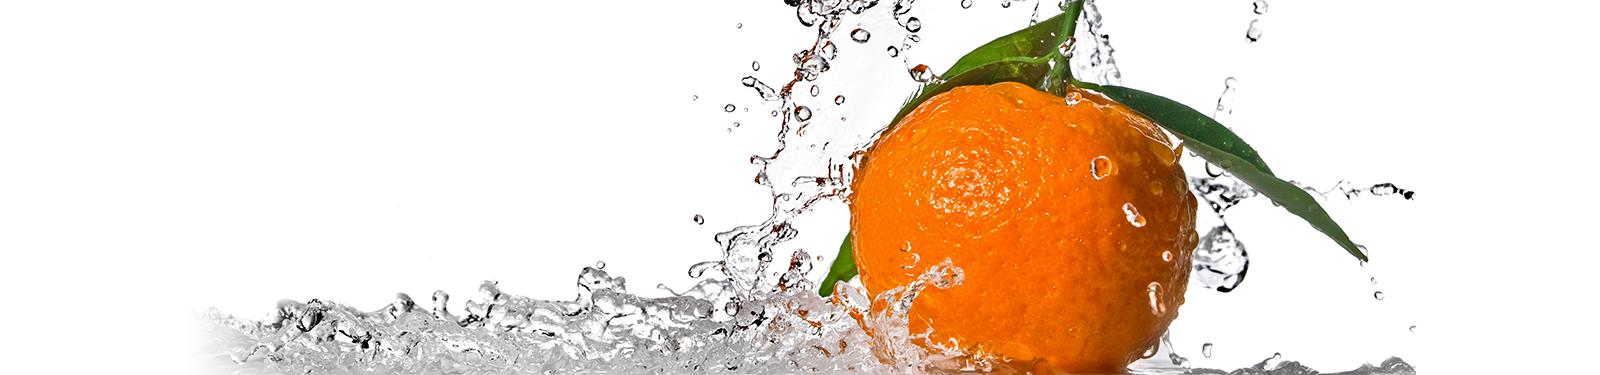 Orange éclaboussant de l'eau